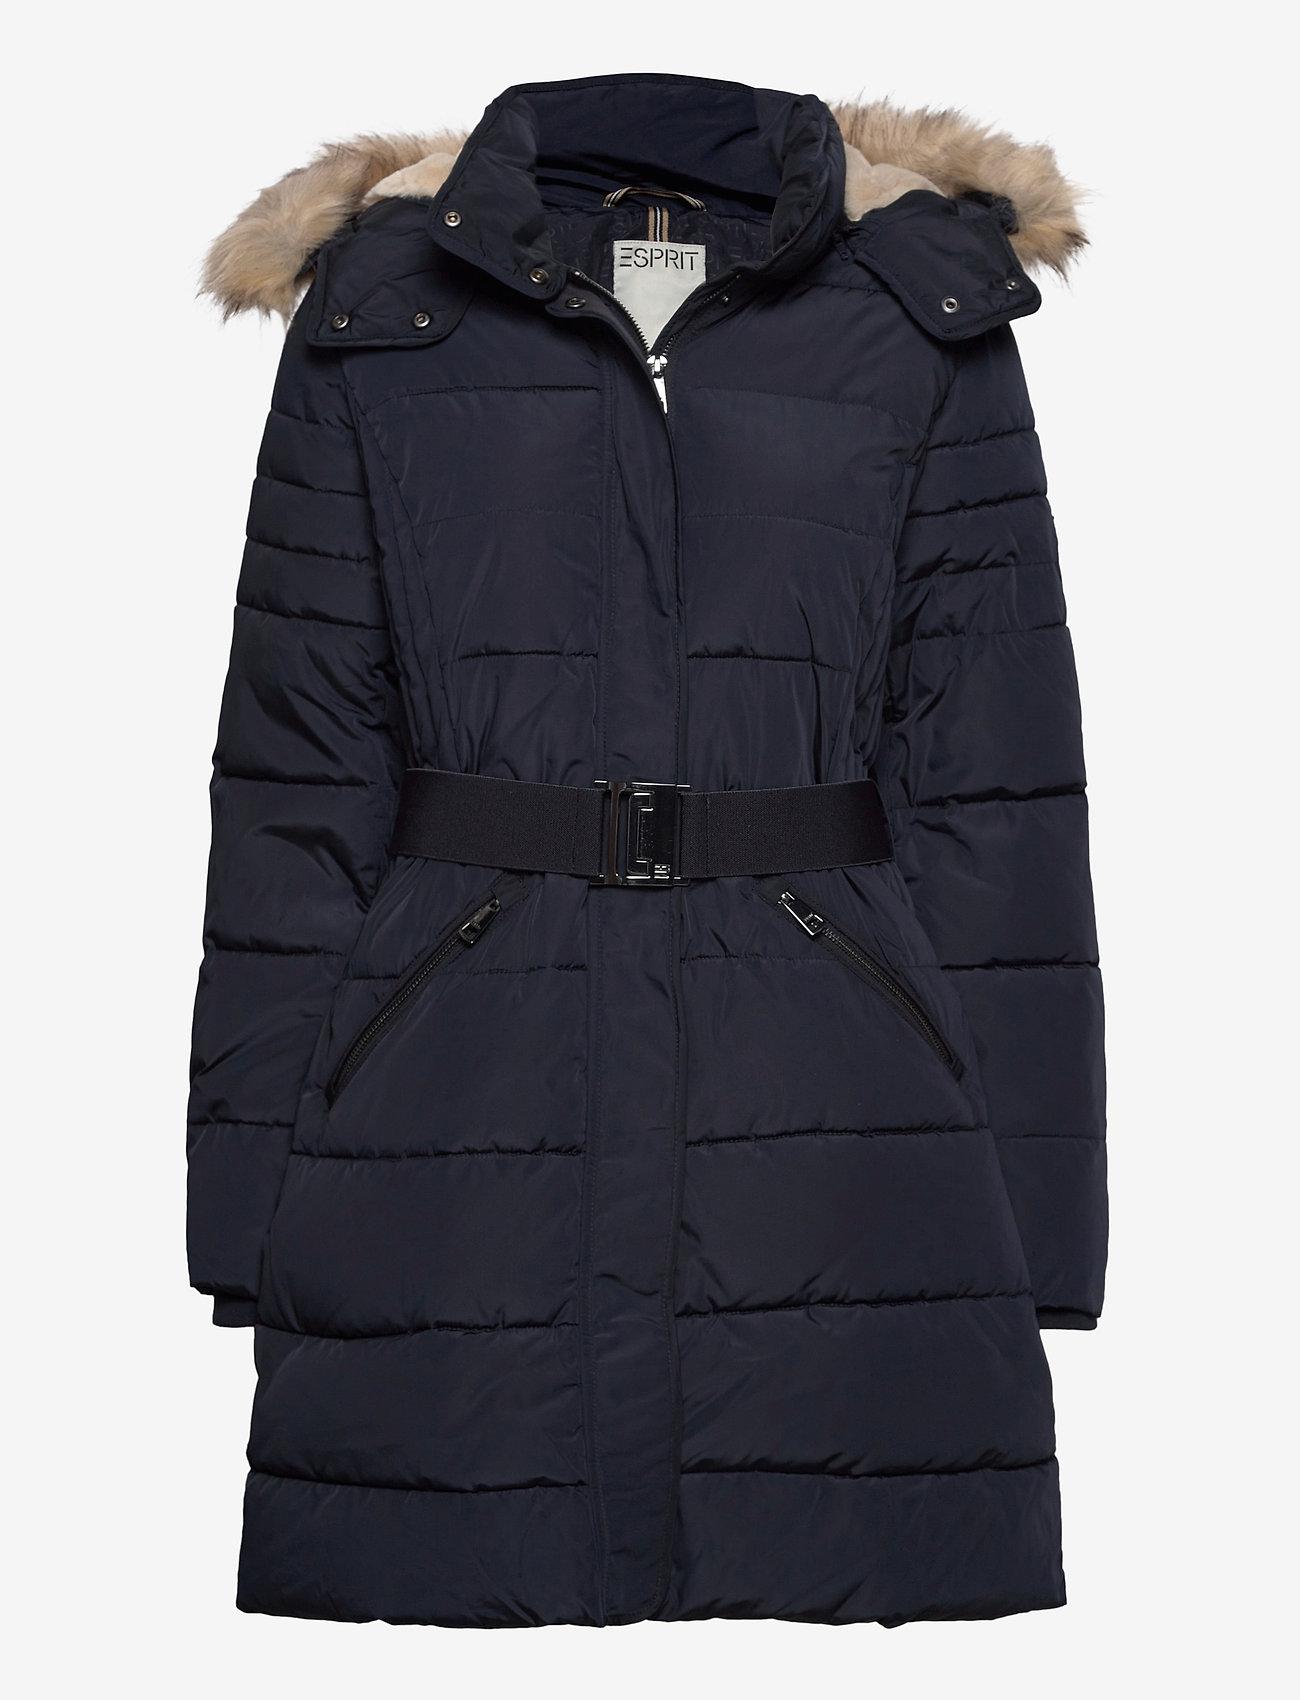 Esprit Casual - Coats woven - manteaux d'hiver - navy - 0